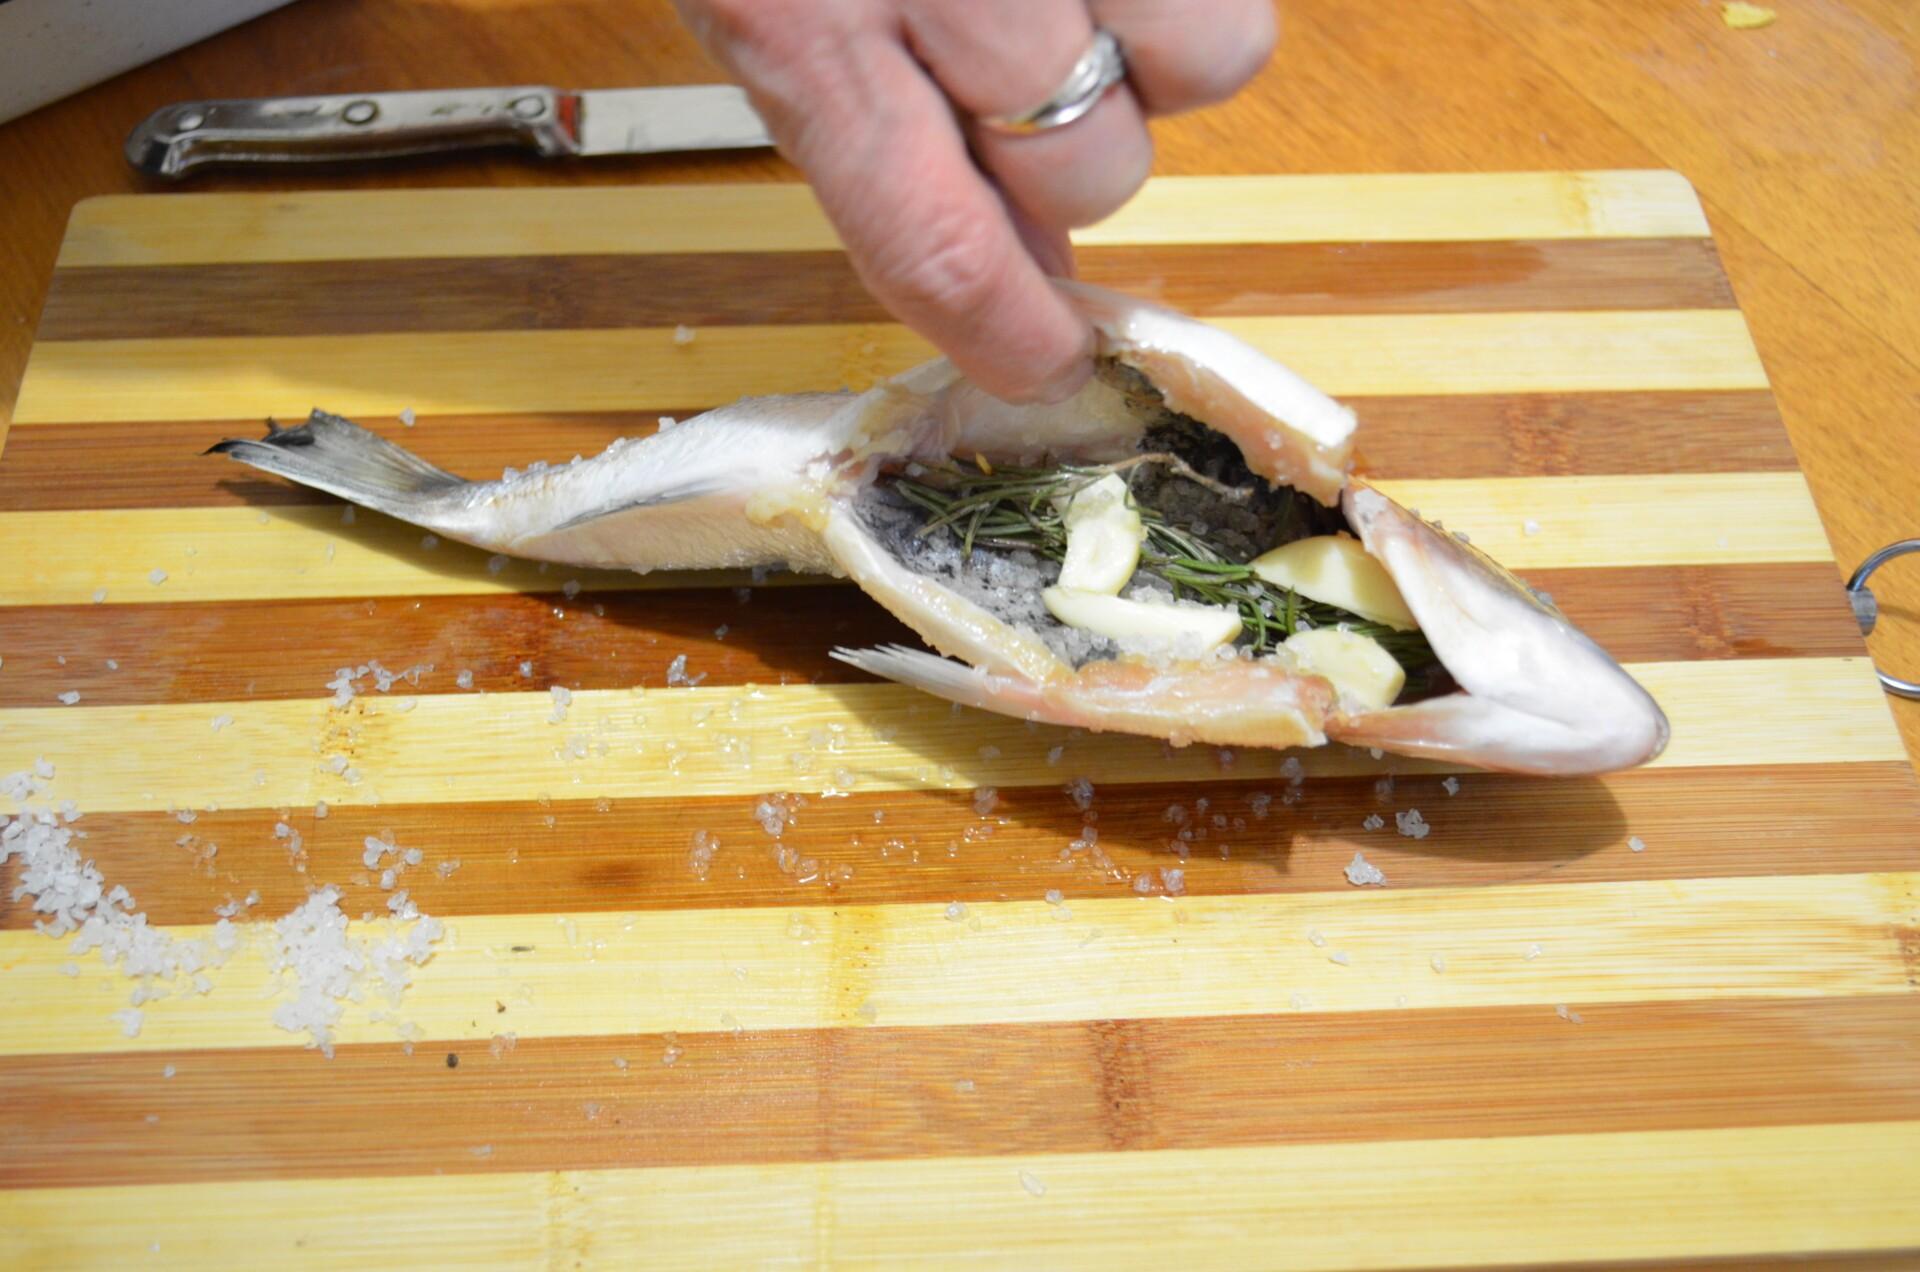 Дорада жареная с розмарином и чесноком: Кладем в брюшко рыбы чеснок и розмарин